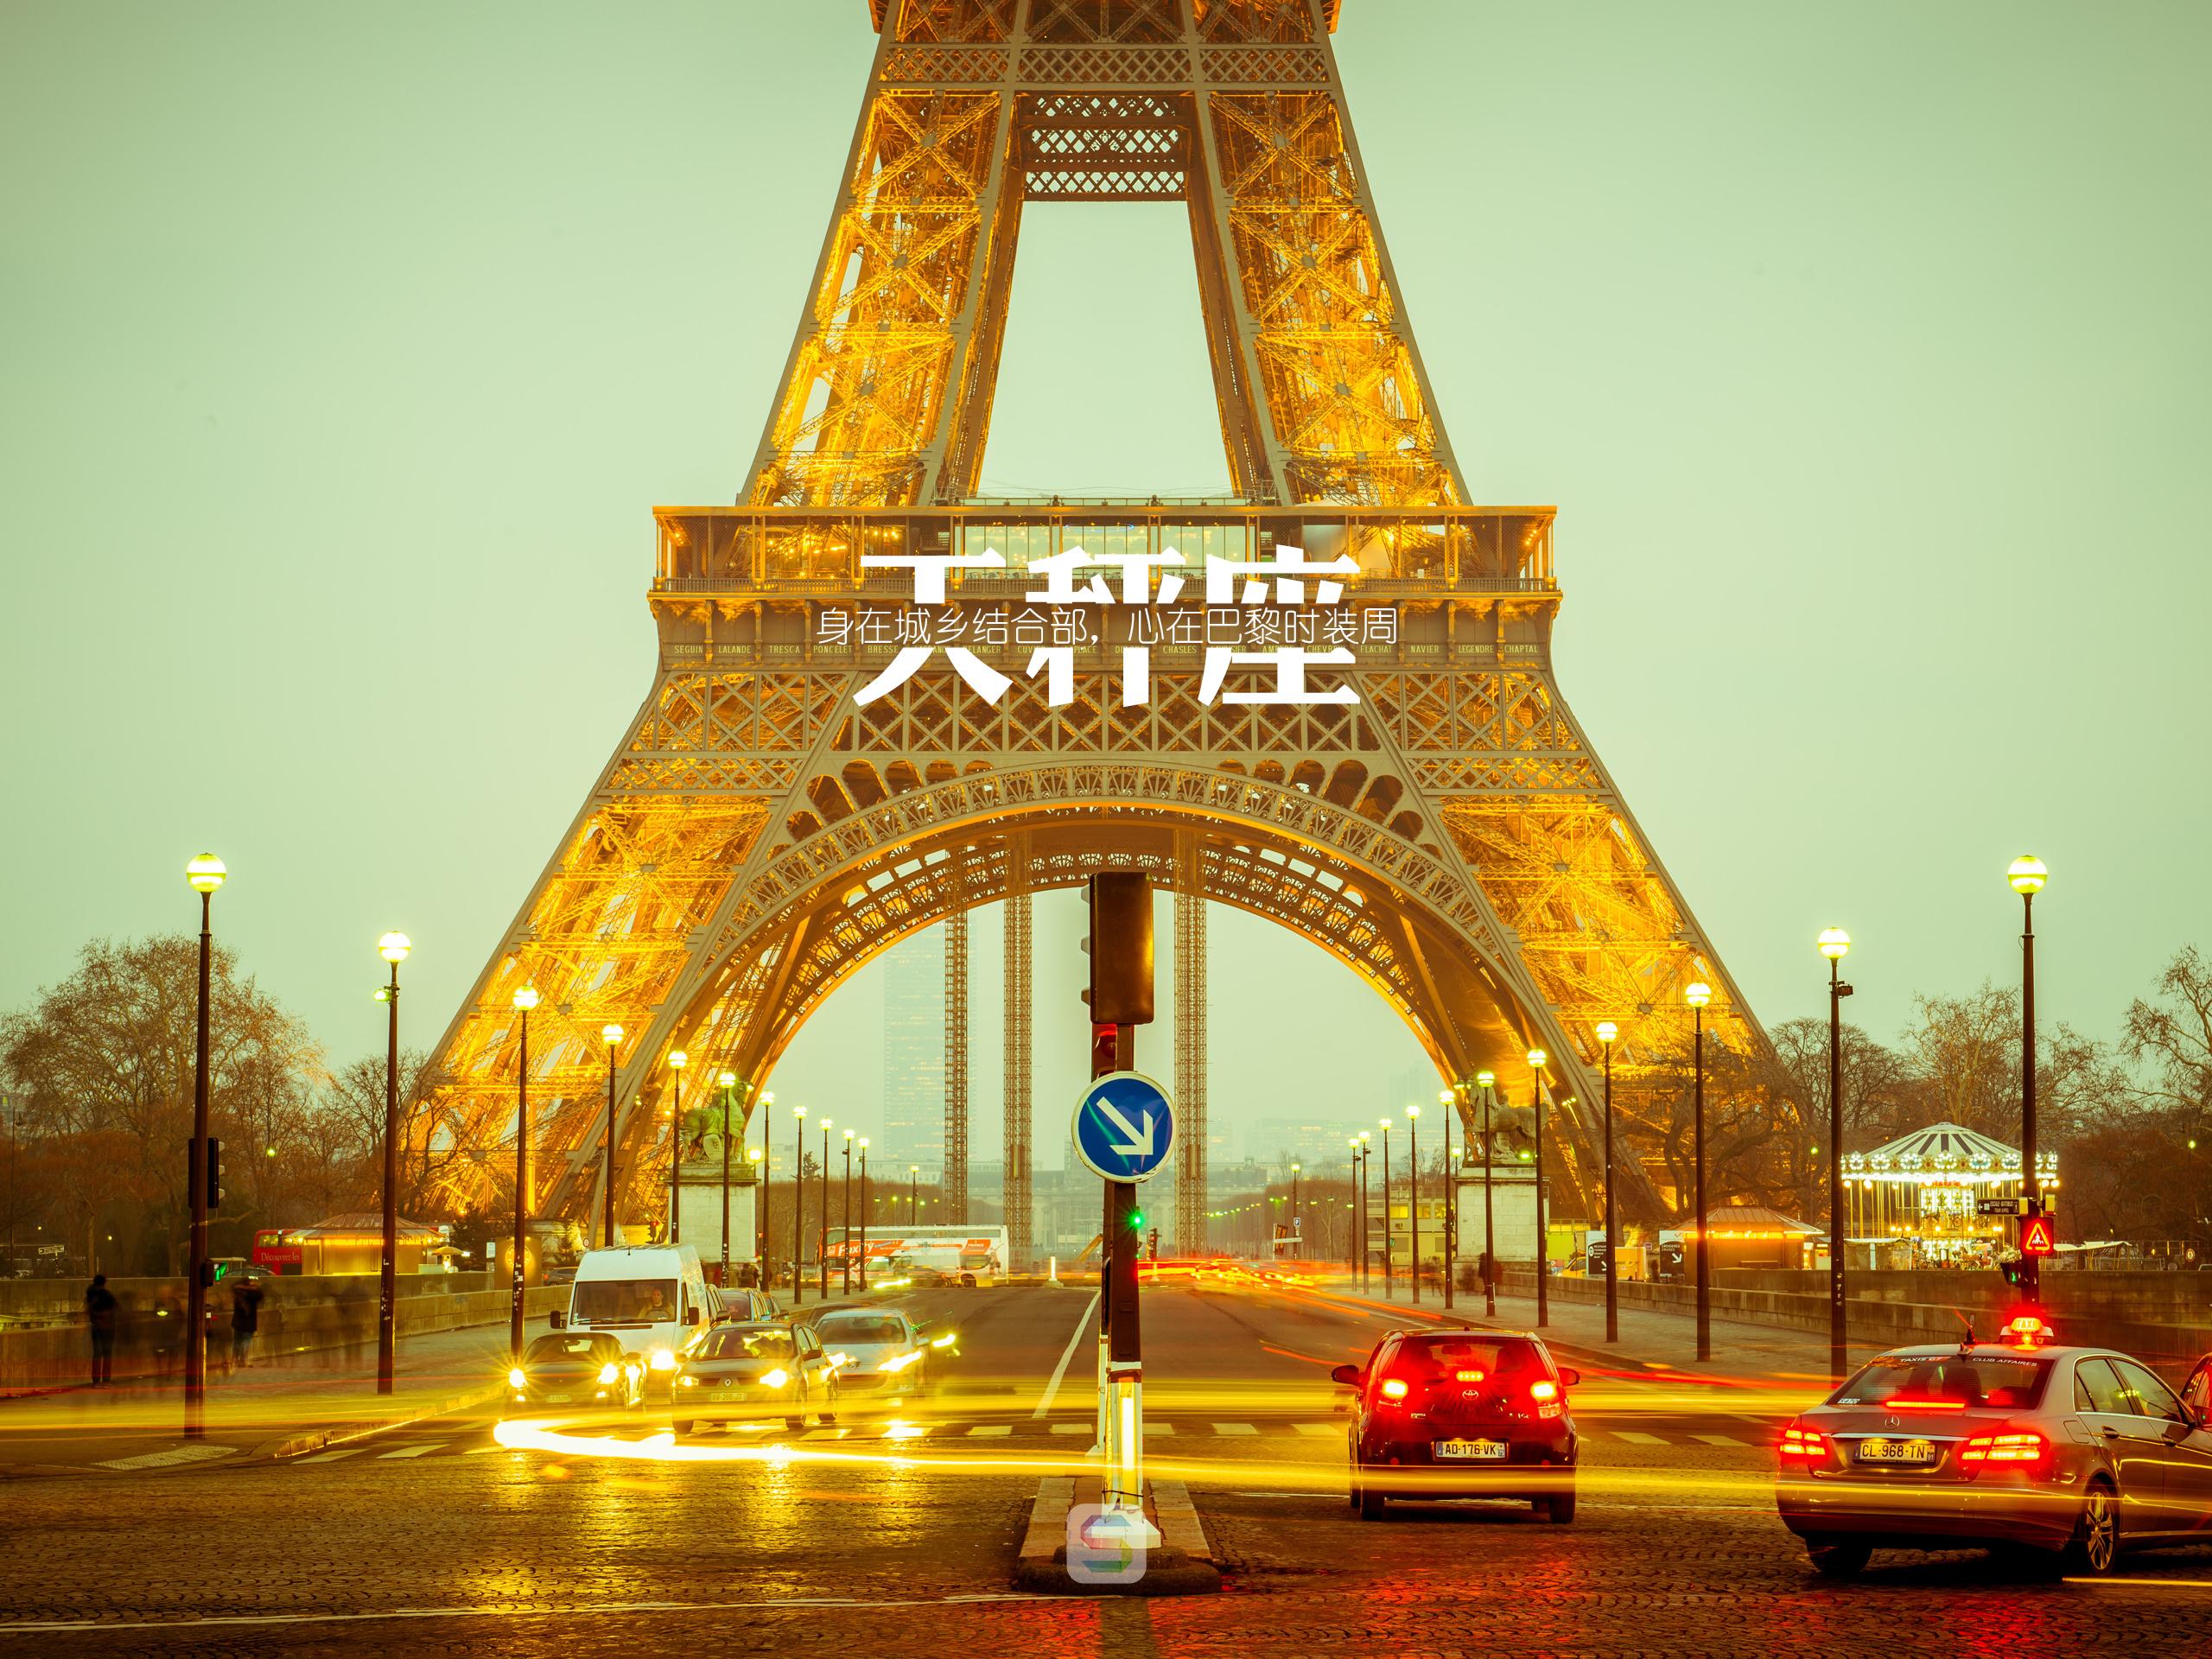 巴黎铁塔唯美图片